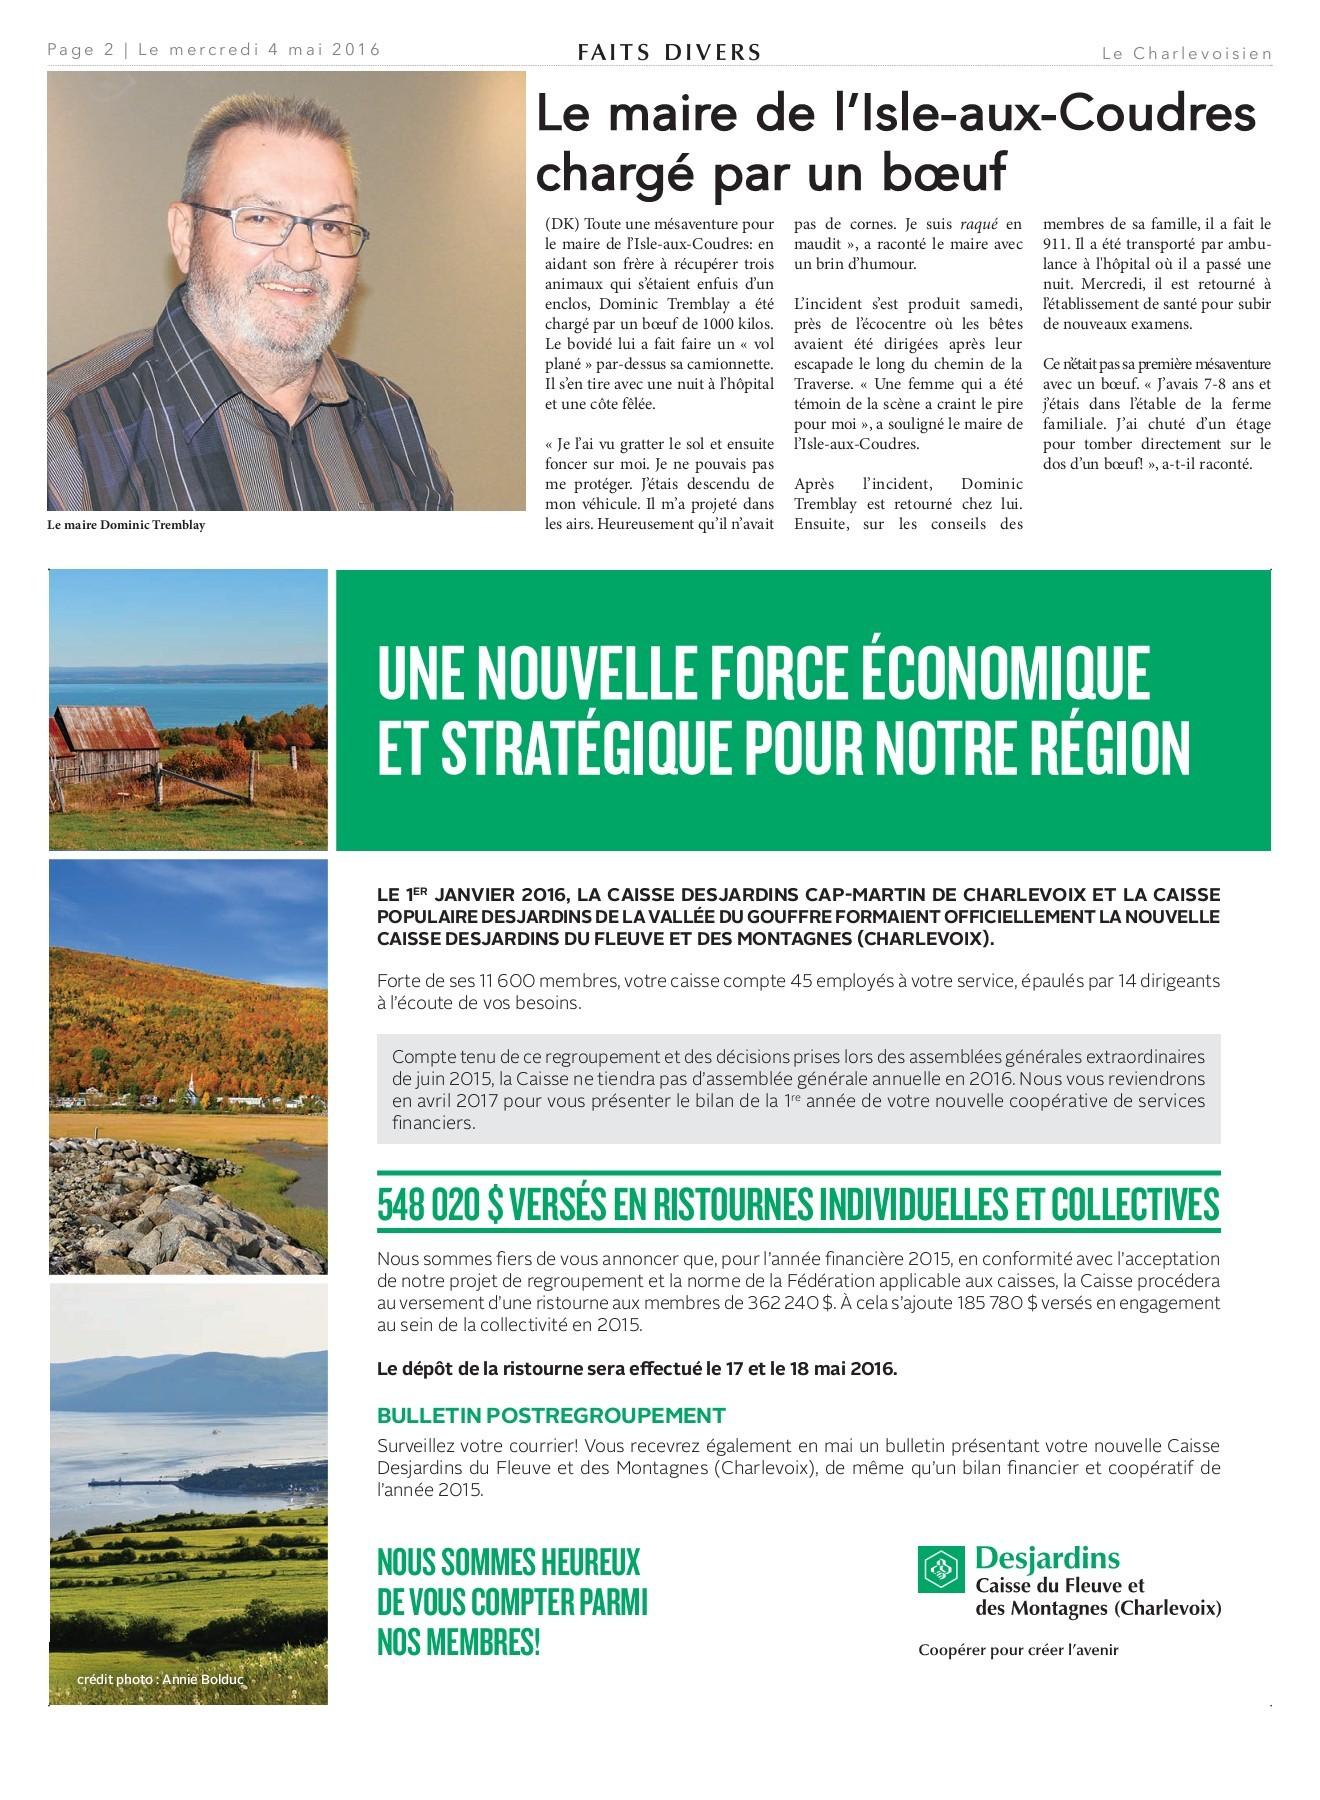 Leclerc Mobile Mon Compte Best Of Le Charlevoisien 4 Mai 2016 Pages 1 50 Text Version Of 40 Élégant Leclerc Mobile Mon Compte